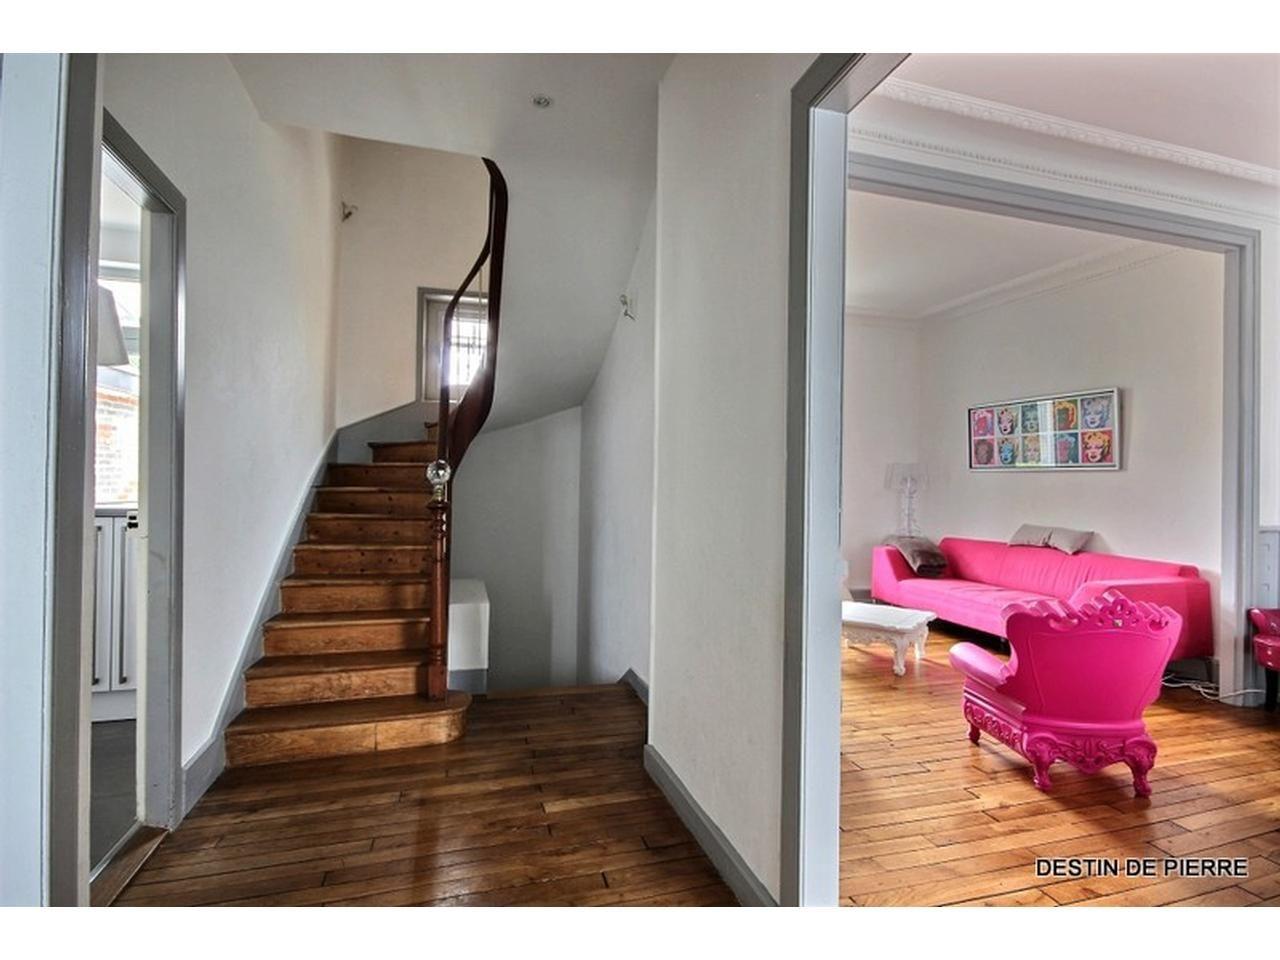 Beautiful Deco Maison Bourgeoise Photos - lalawgroup.us ...